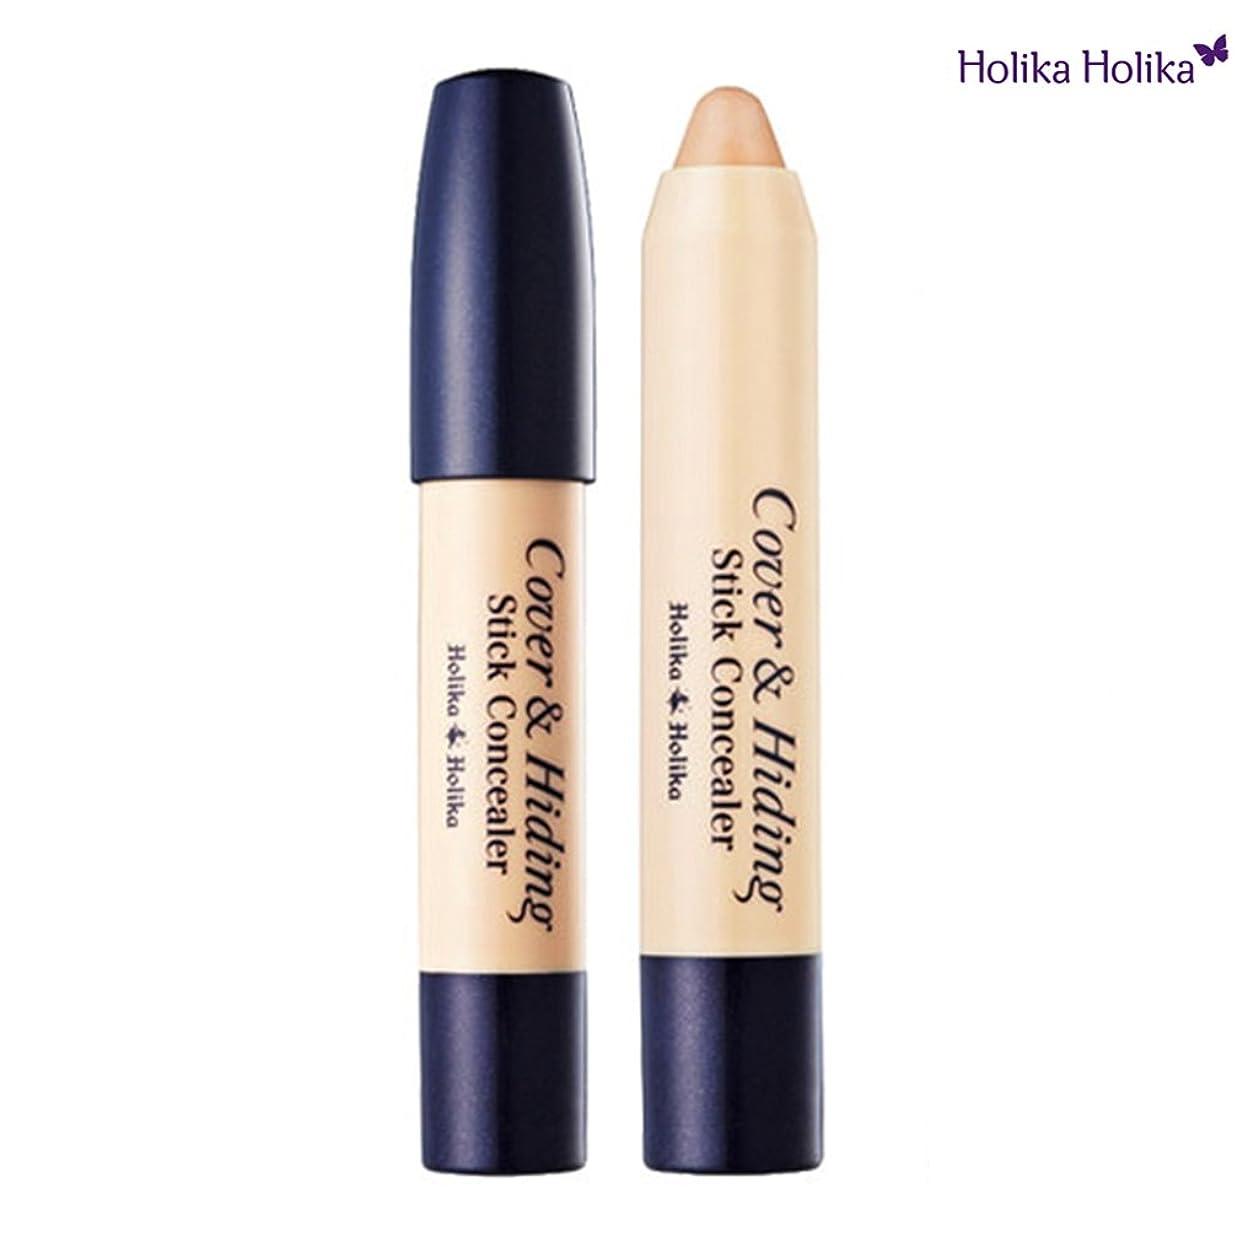 時系列メタルラインカレンダー(Holika Holika ホリカホリカ) Cover & Hiding Stick Concealer カバー&ヒディング スティック コンシーラー 02号ニュートラルベージュ